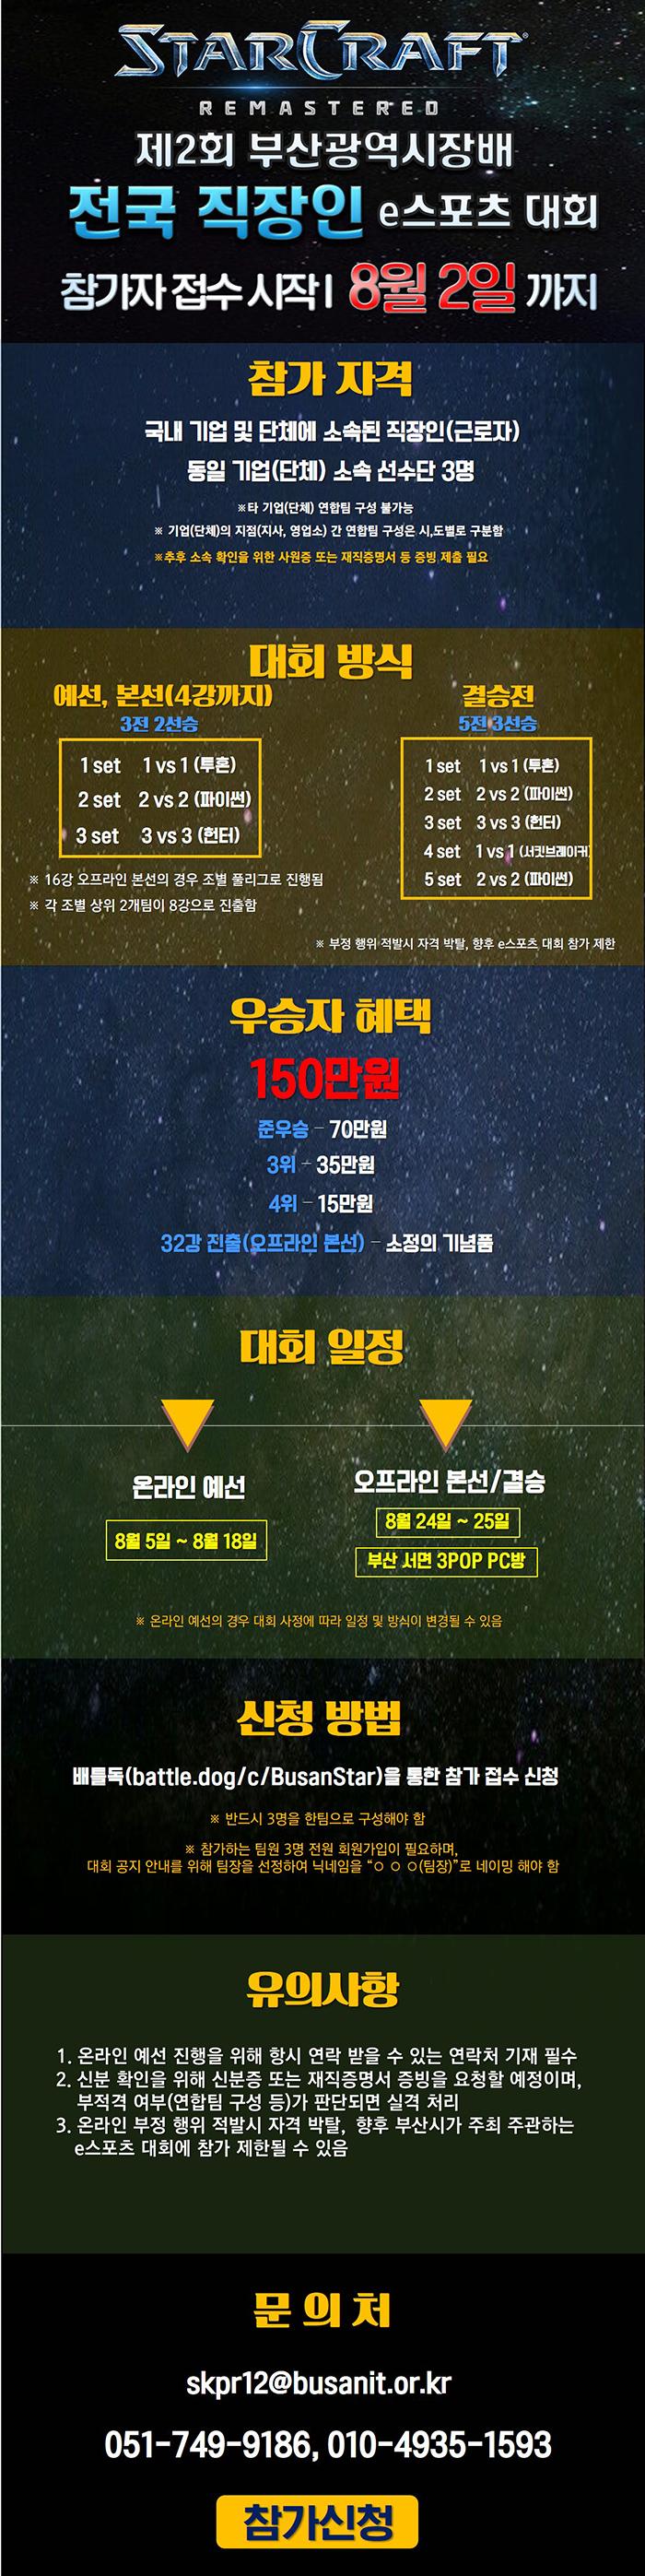 제2회 부산광역시장배 전국 직장인 스타크래프트 e스포츠 대회 참가자 모집